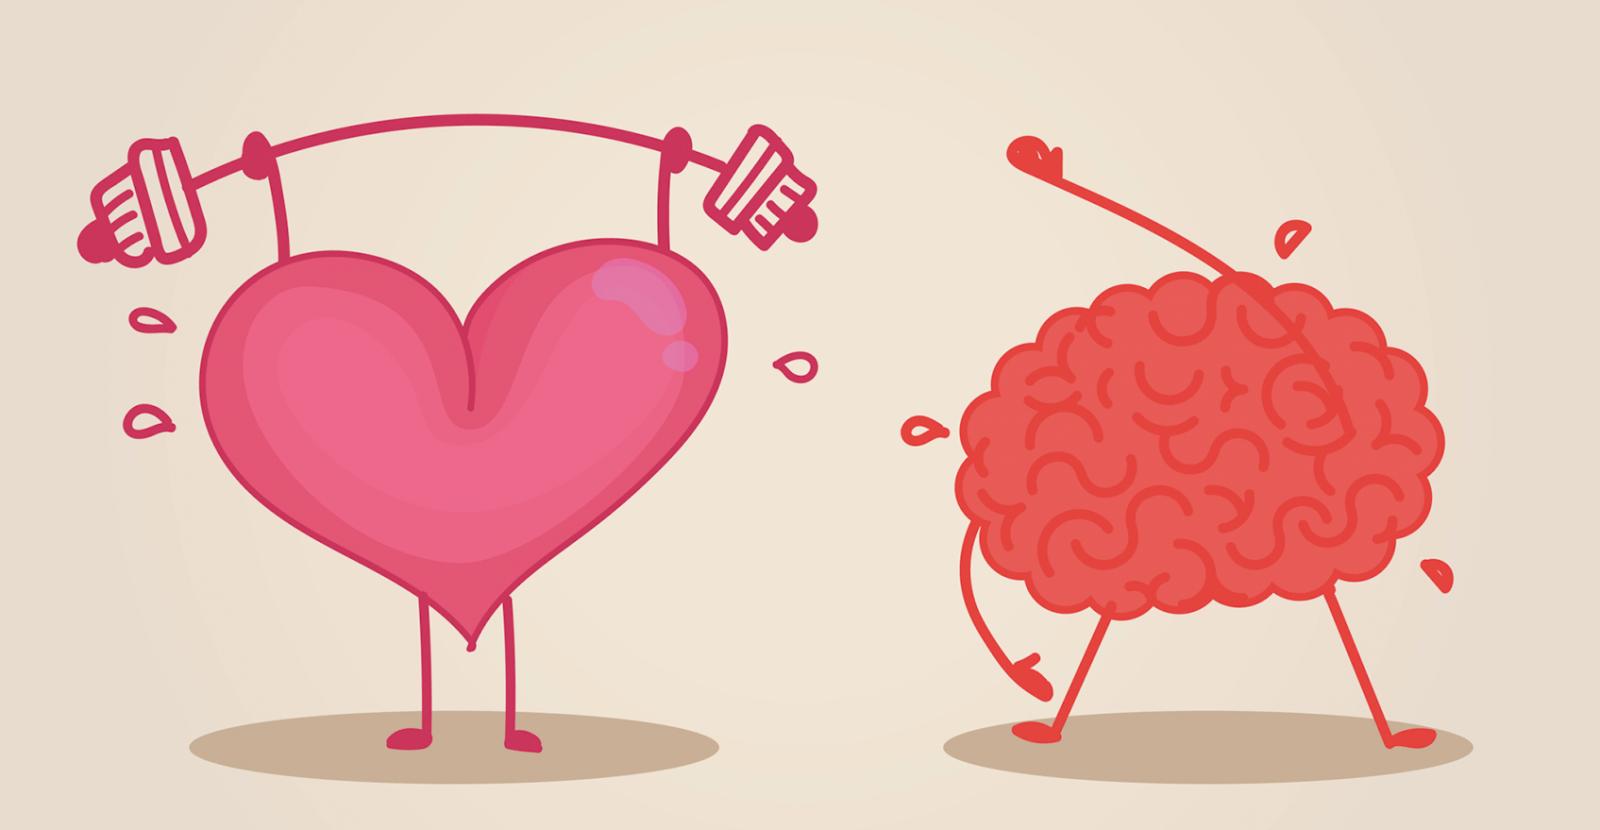 سلامت قلب خطر ابتلا به زوال عقل را در افراد مسن کاهش می دهد